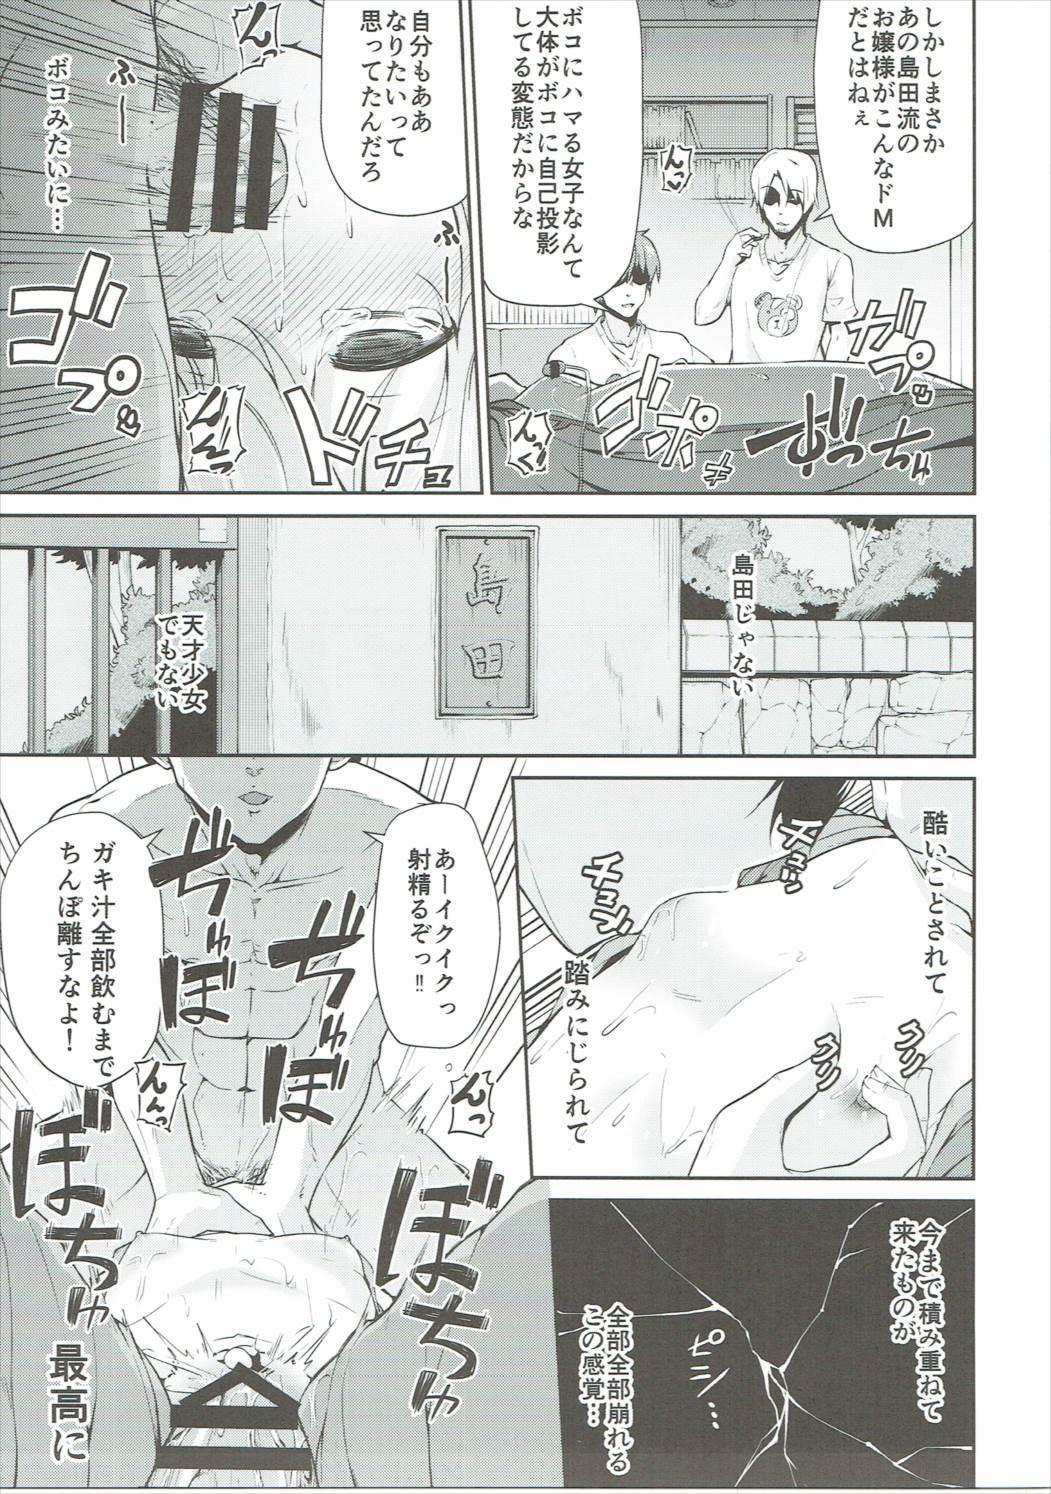 Boko! Boko! Arisu-chan 7